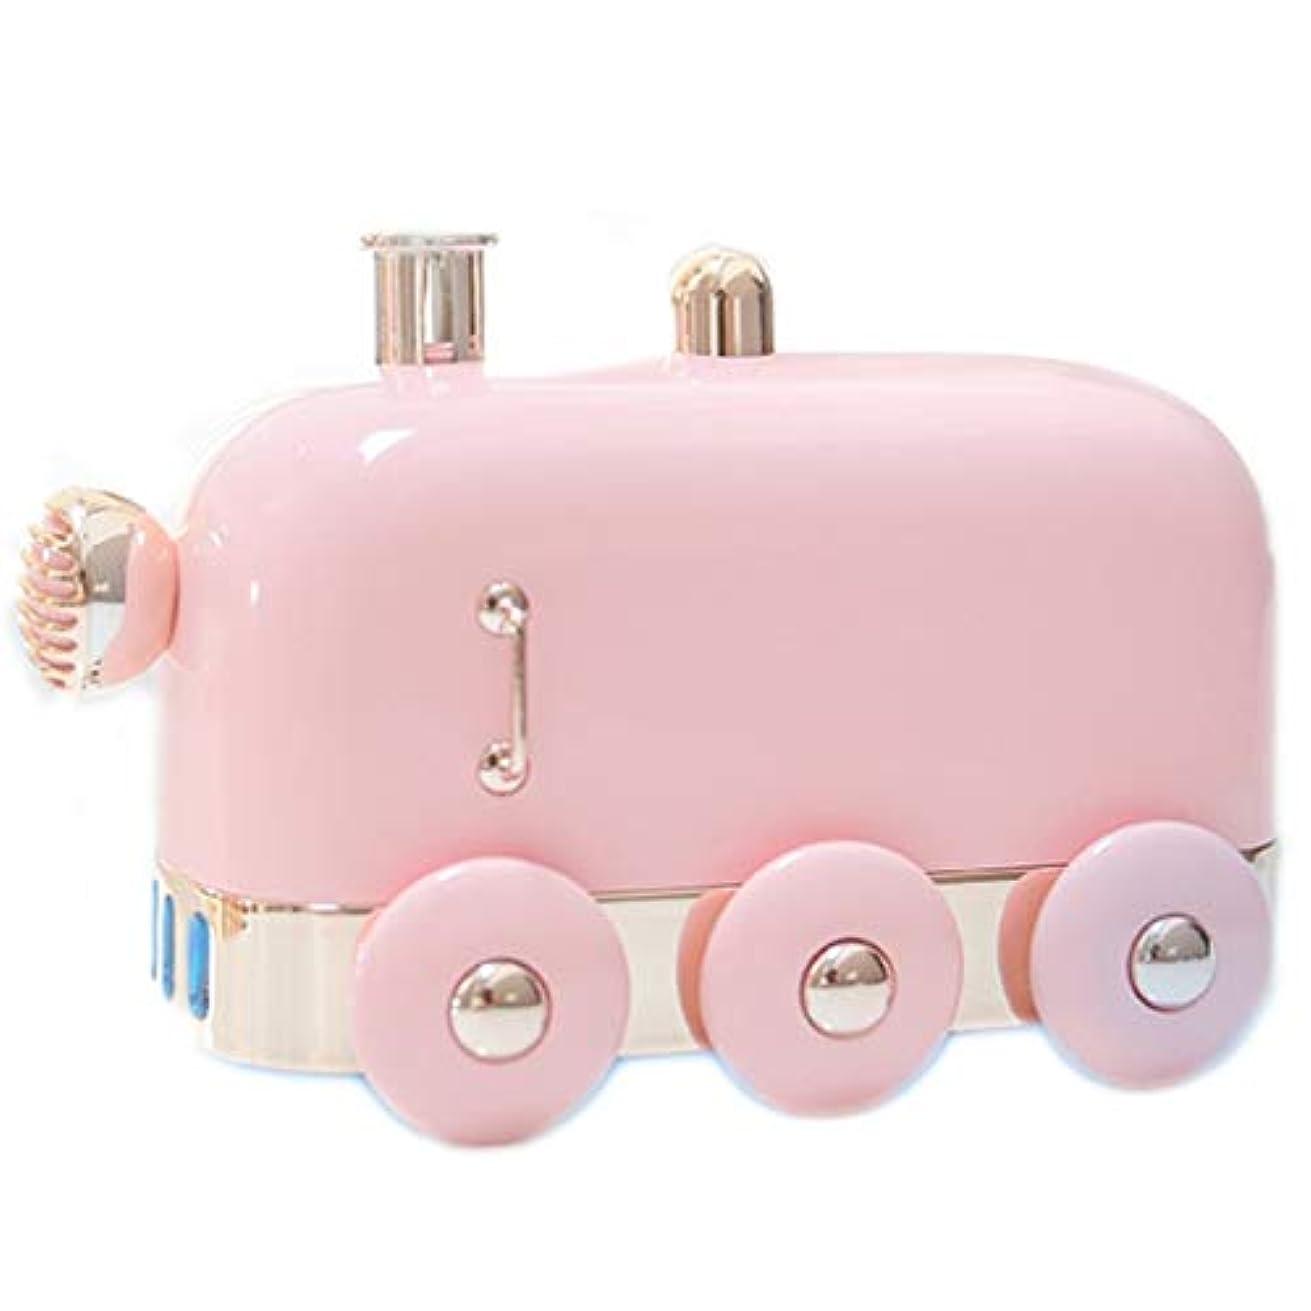 再発するノベルティ線アロマセラピーエッセンシャルオイルディフューザー、アロマディフューザークールミスト加湿器ウォーターレスオートシャットオフホームオフィス用ヨガ (Color : Pink)